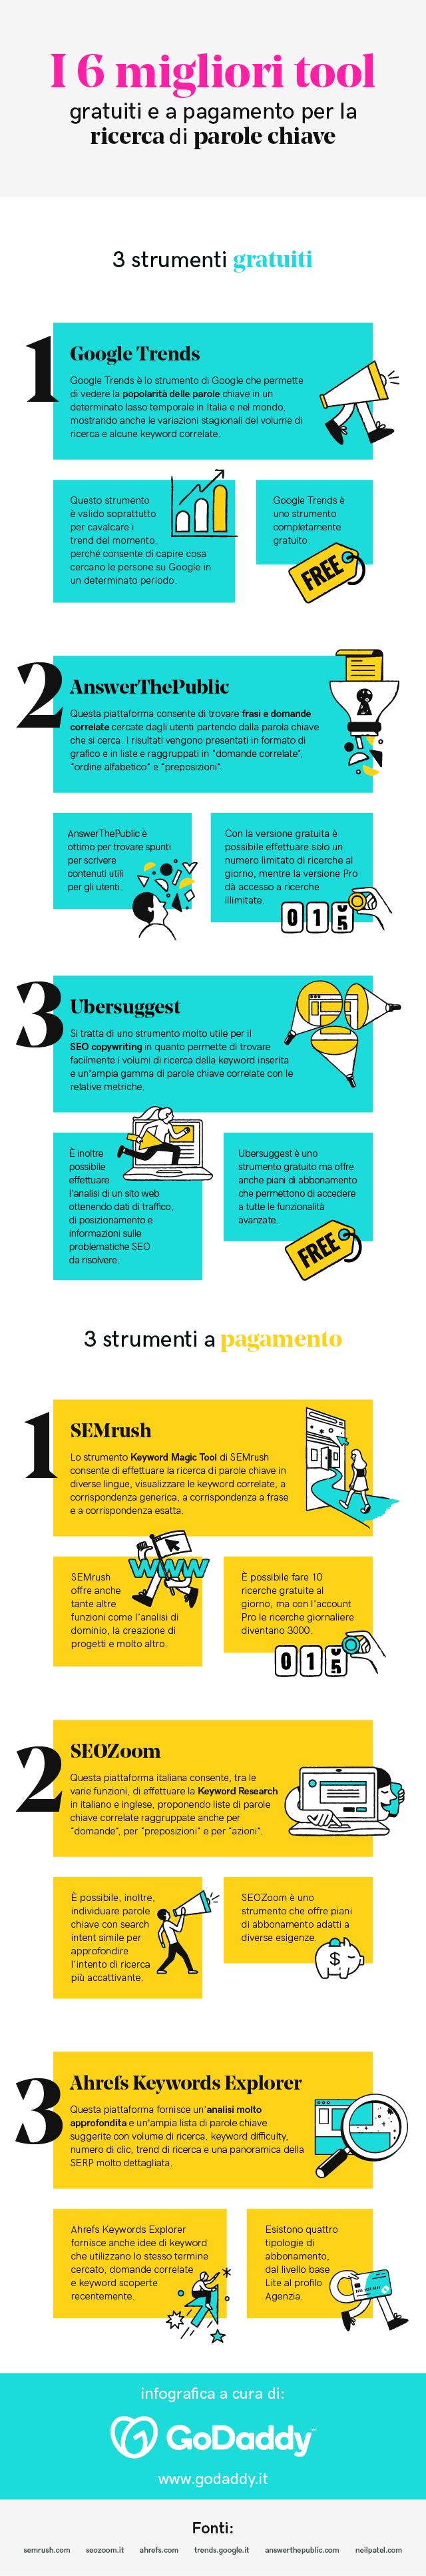 Migliori strumenti per la ricerca di parole chiave - Infografica